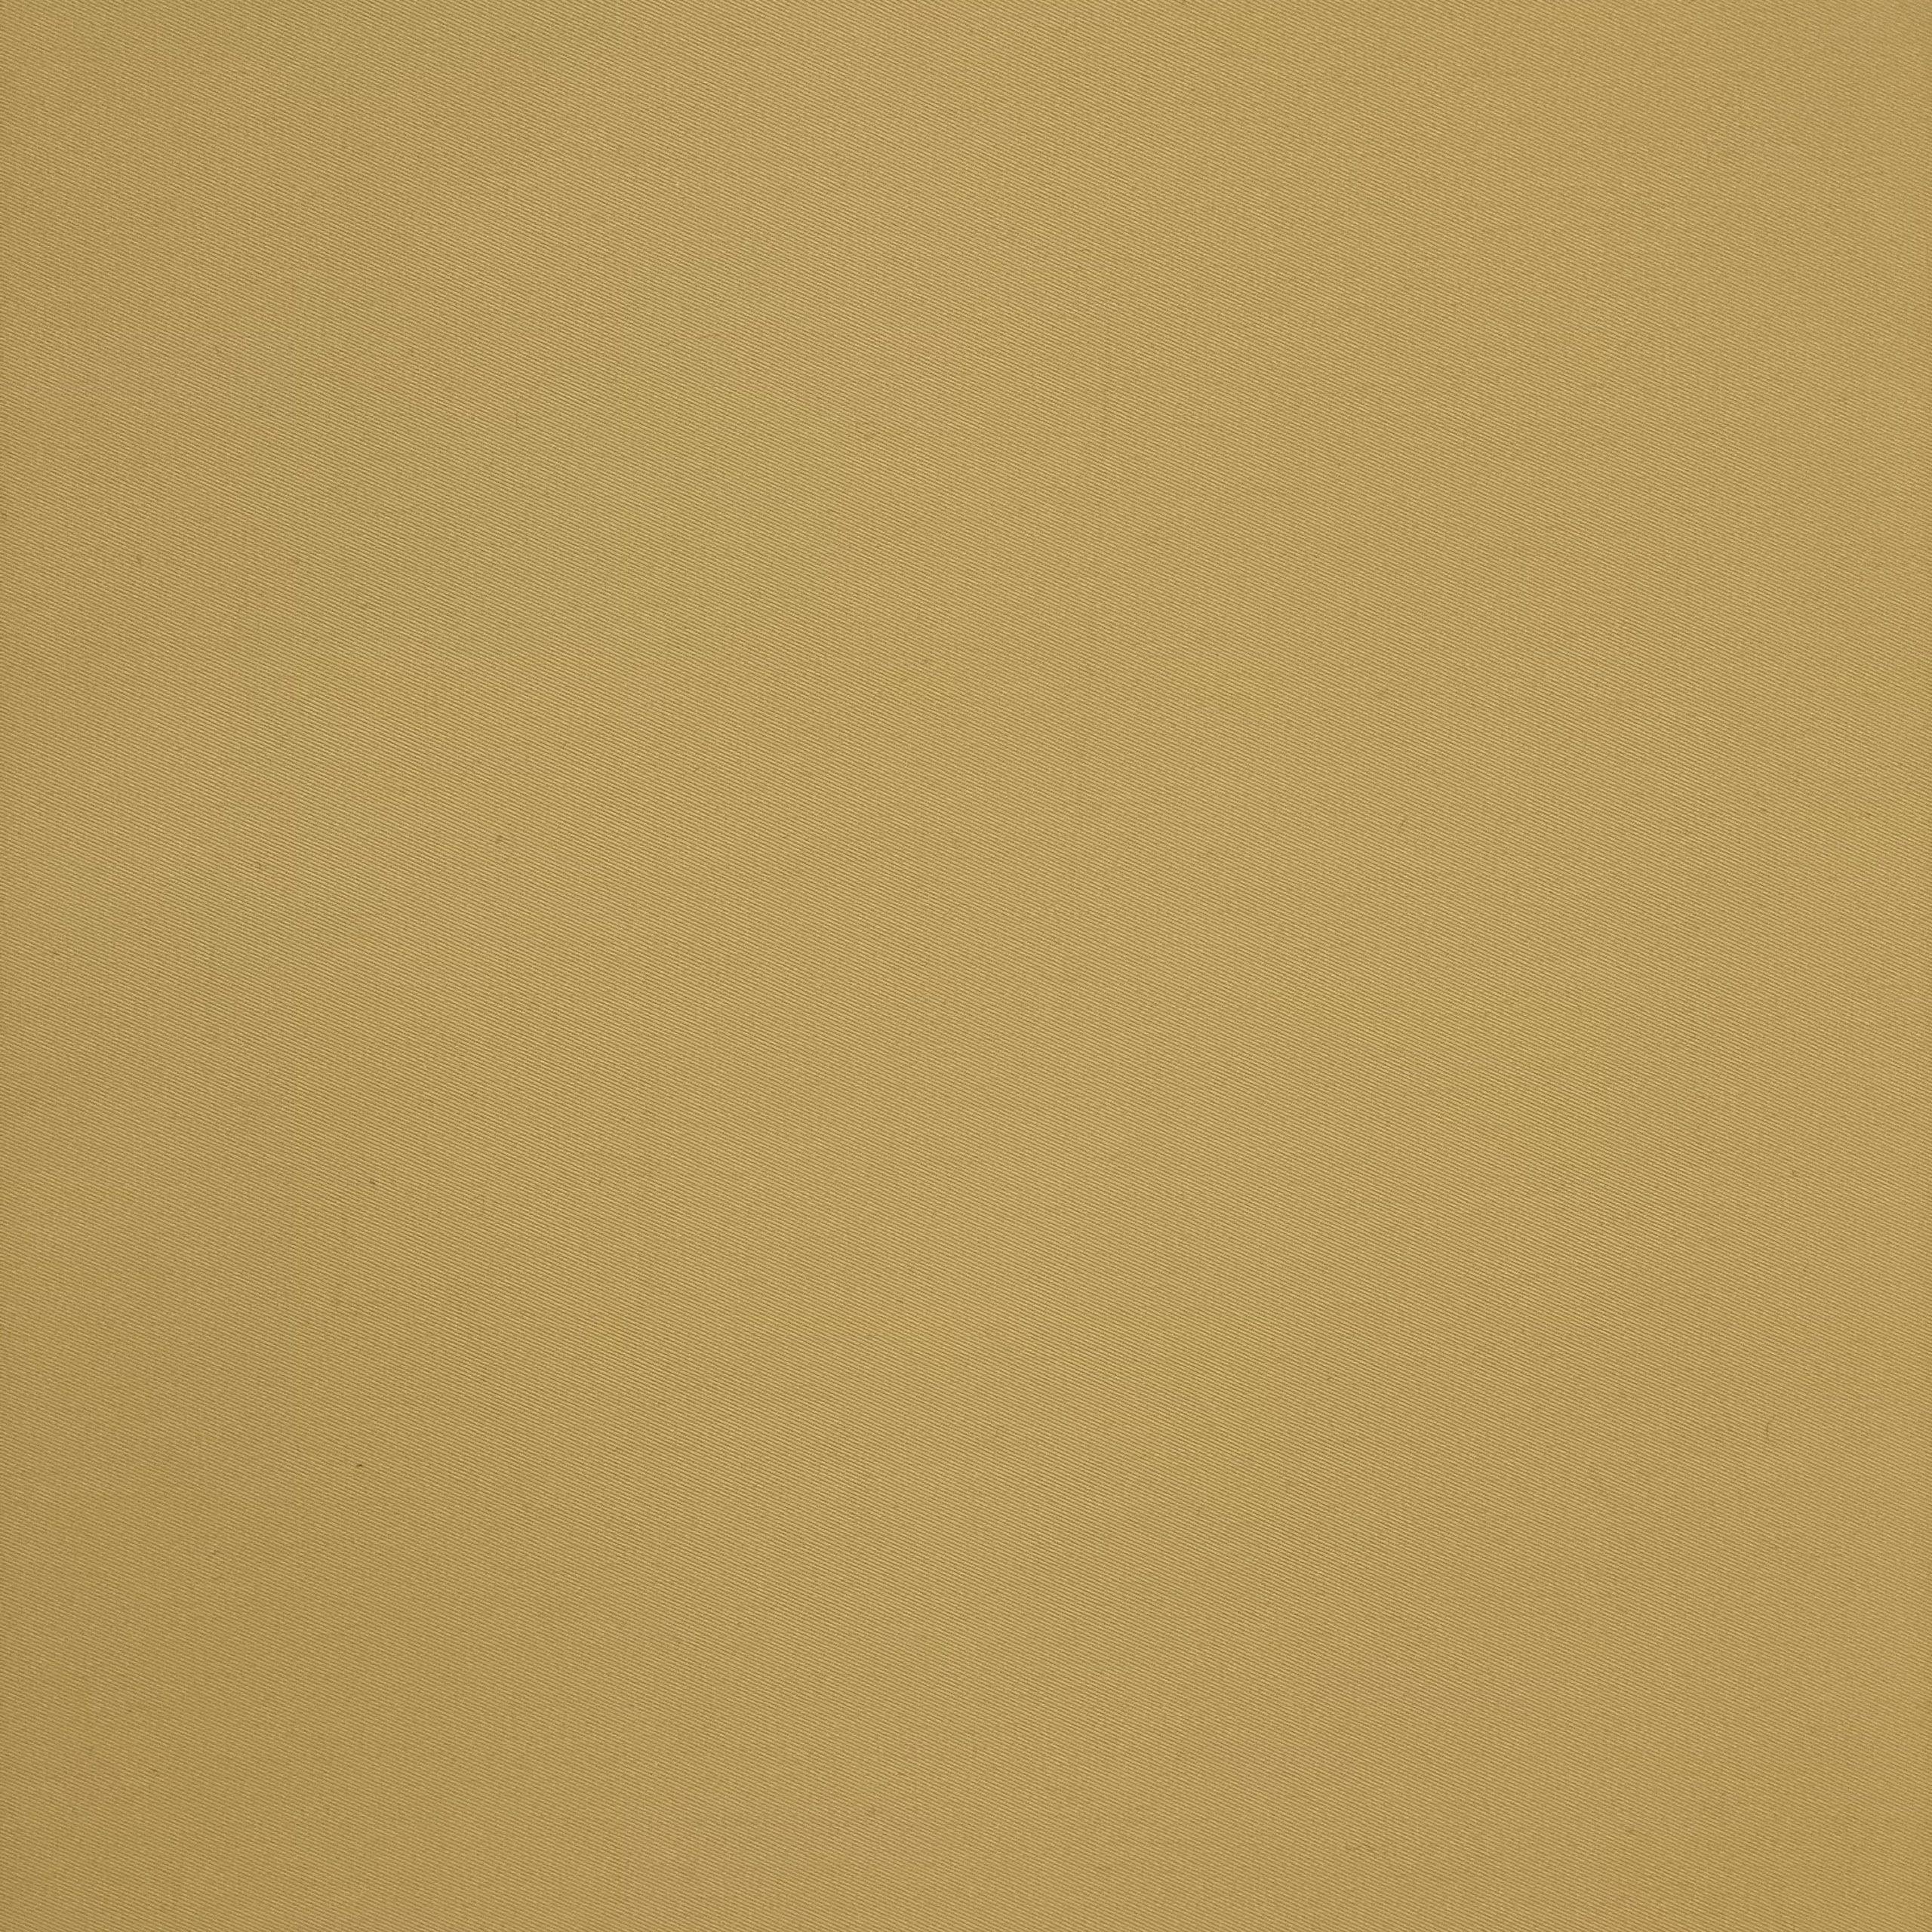 Cotton-Shakespear-New-Beige-2236